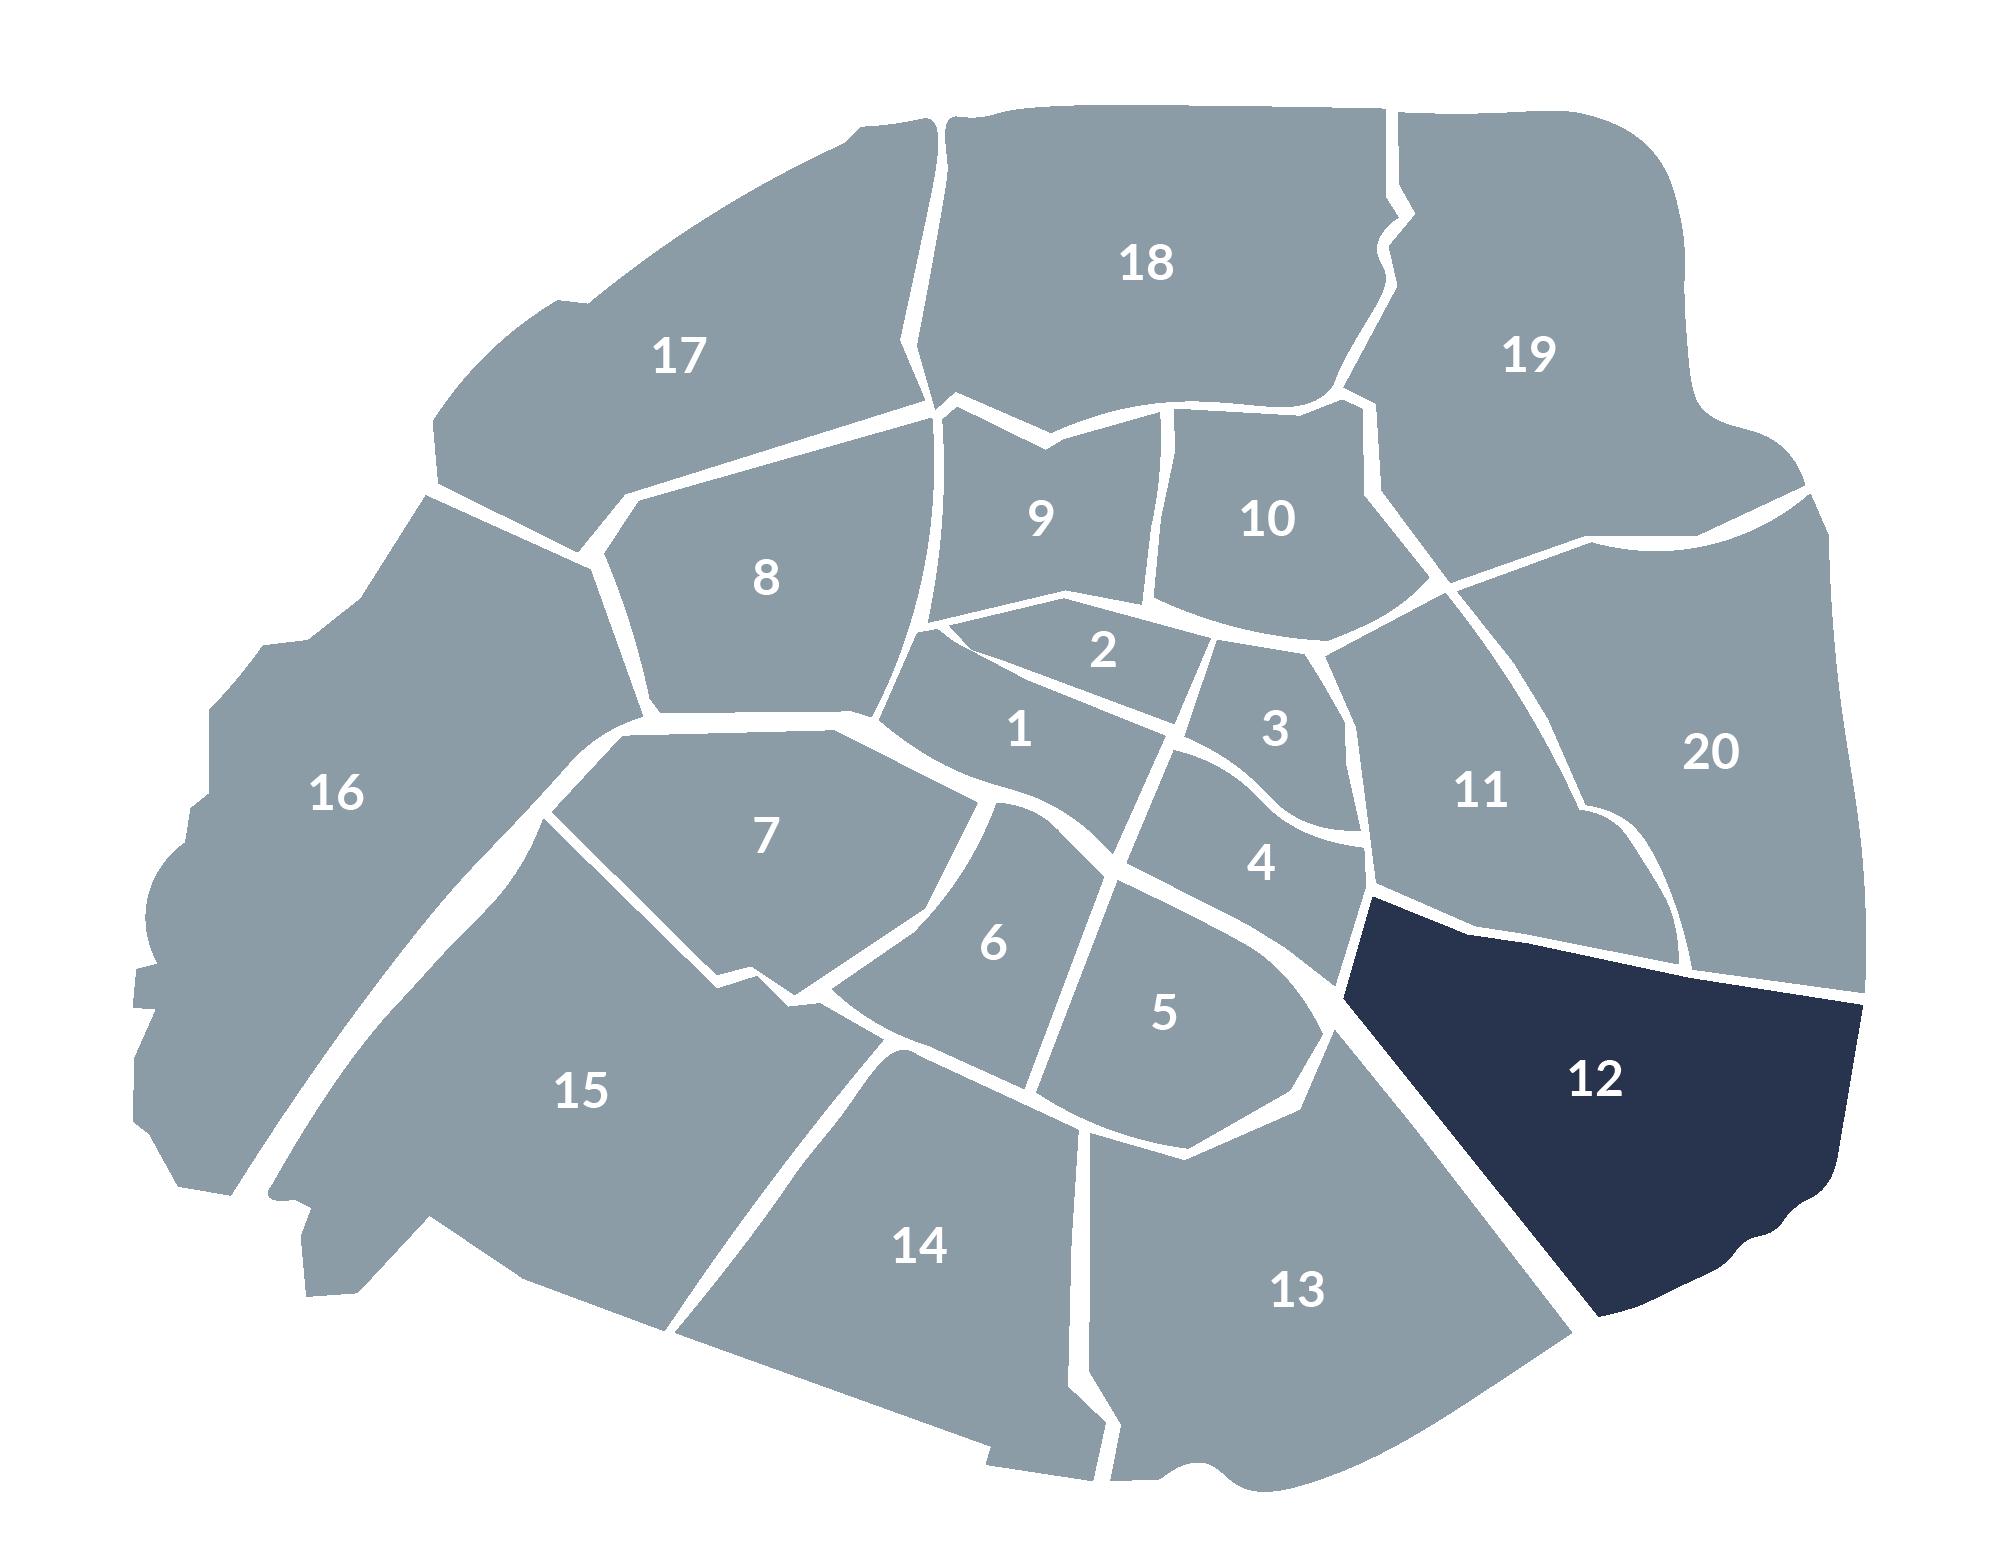 carte paris 12e arrondissement